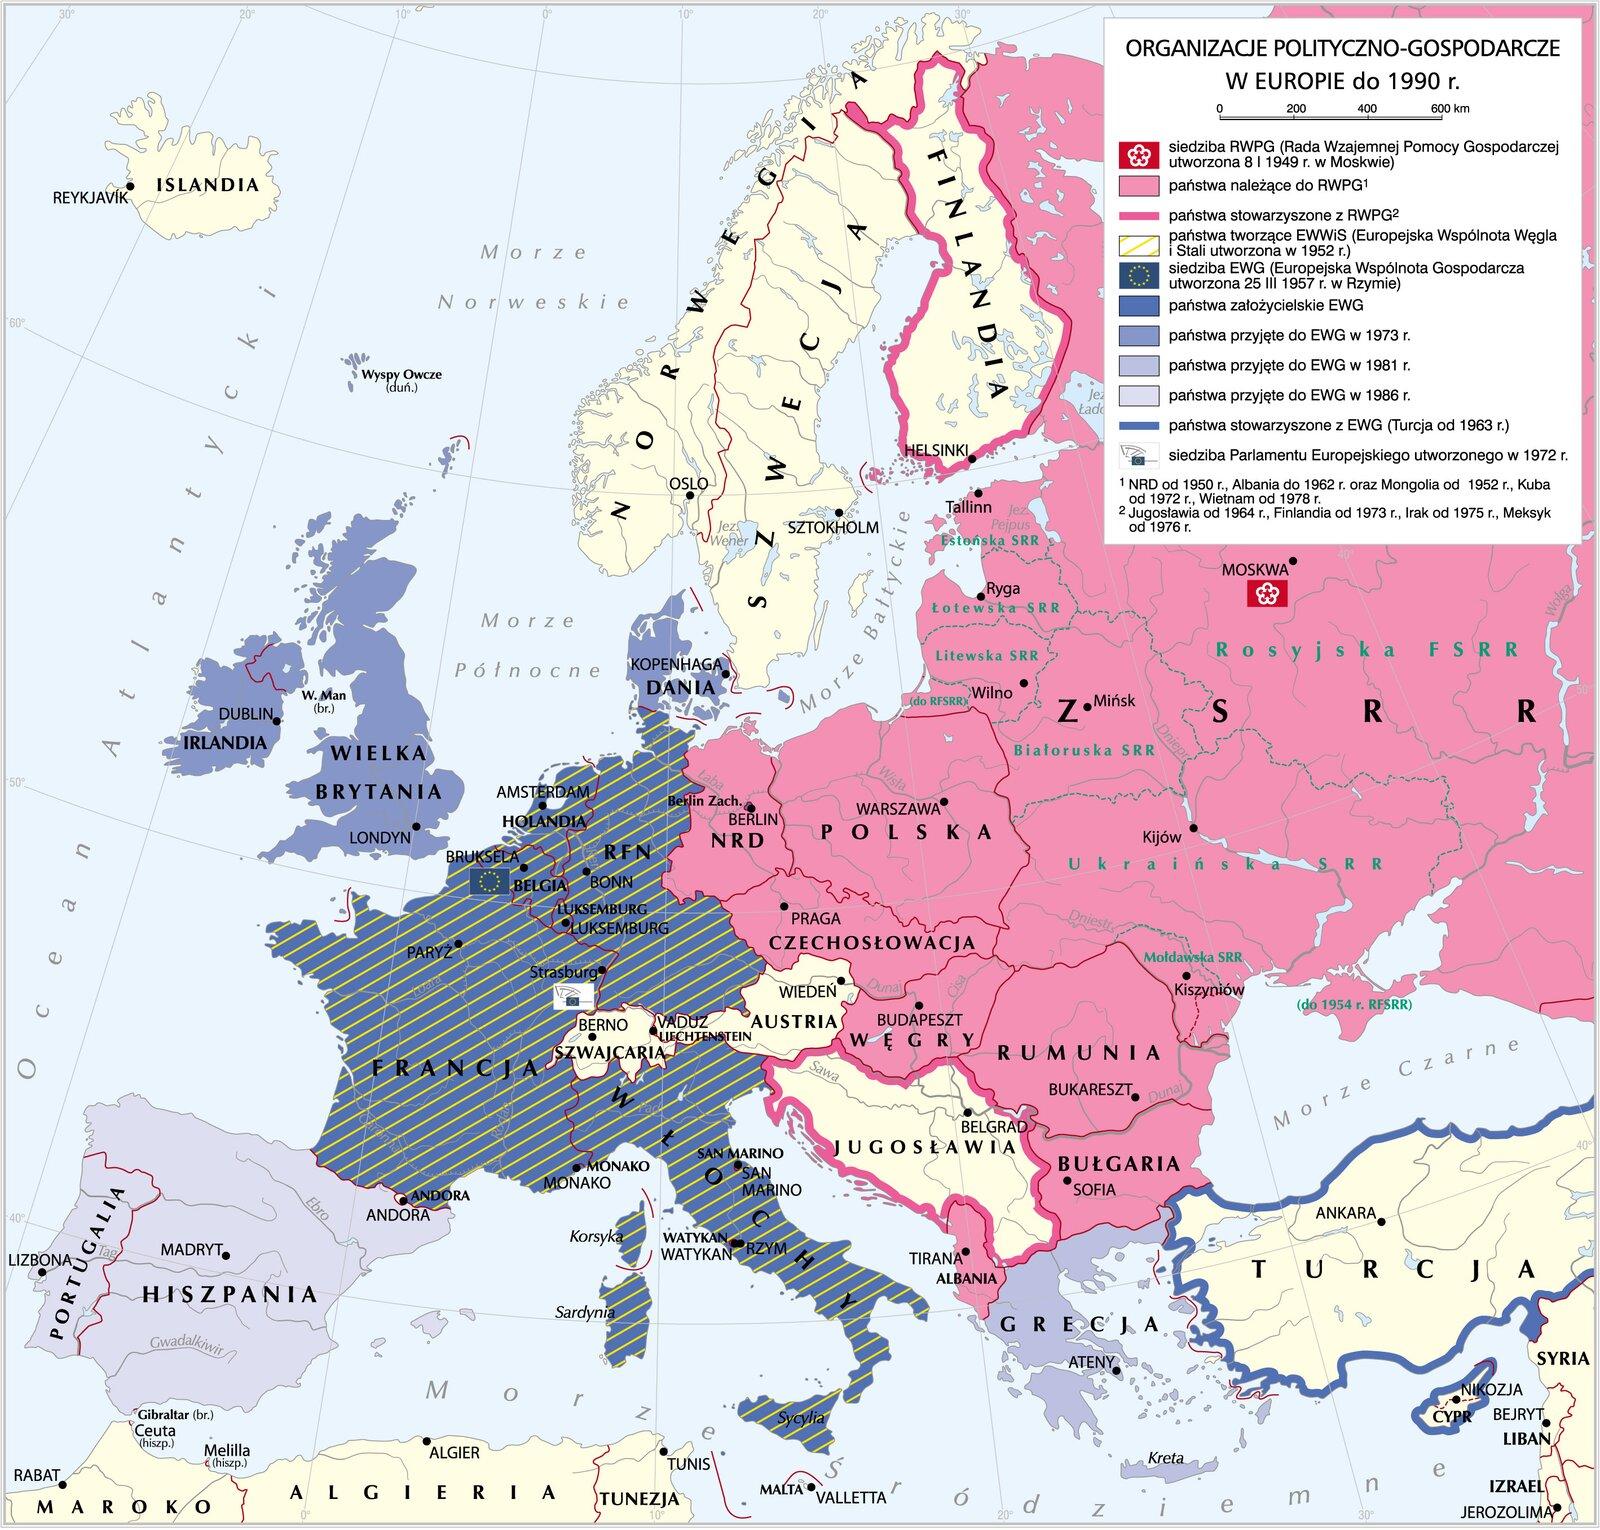 mapa -organizacje polityczno-gospodarcze wEuropie do 1990 r.